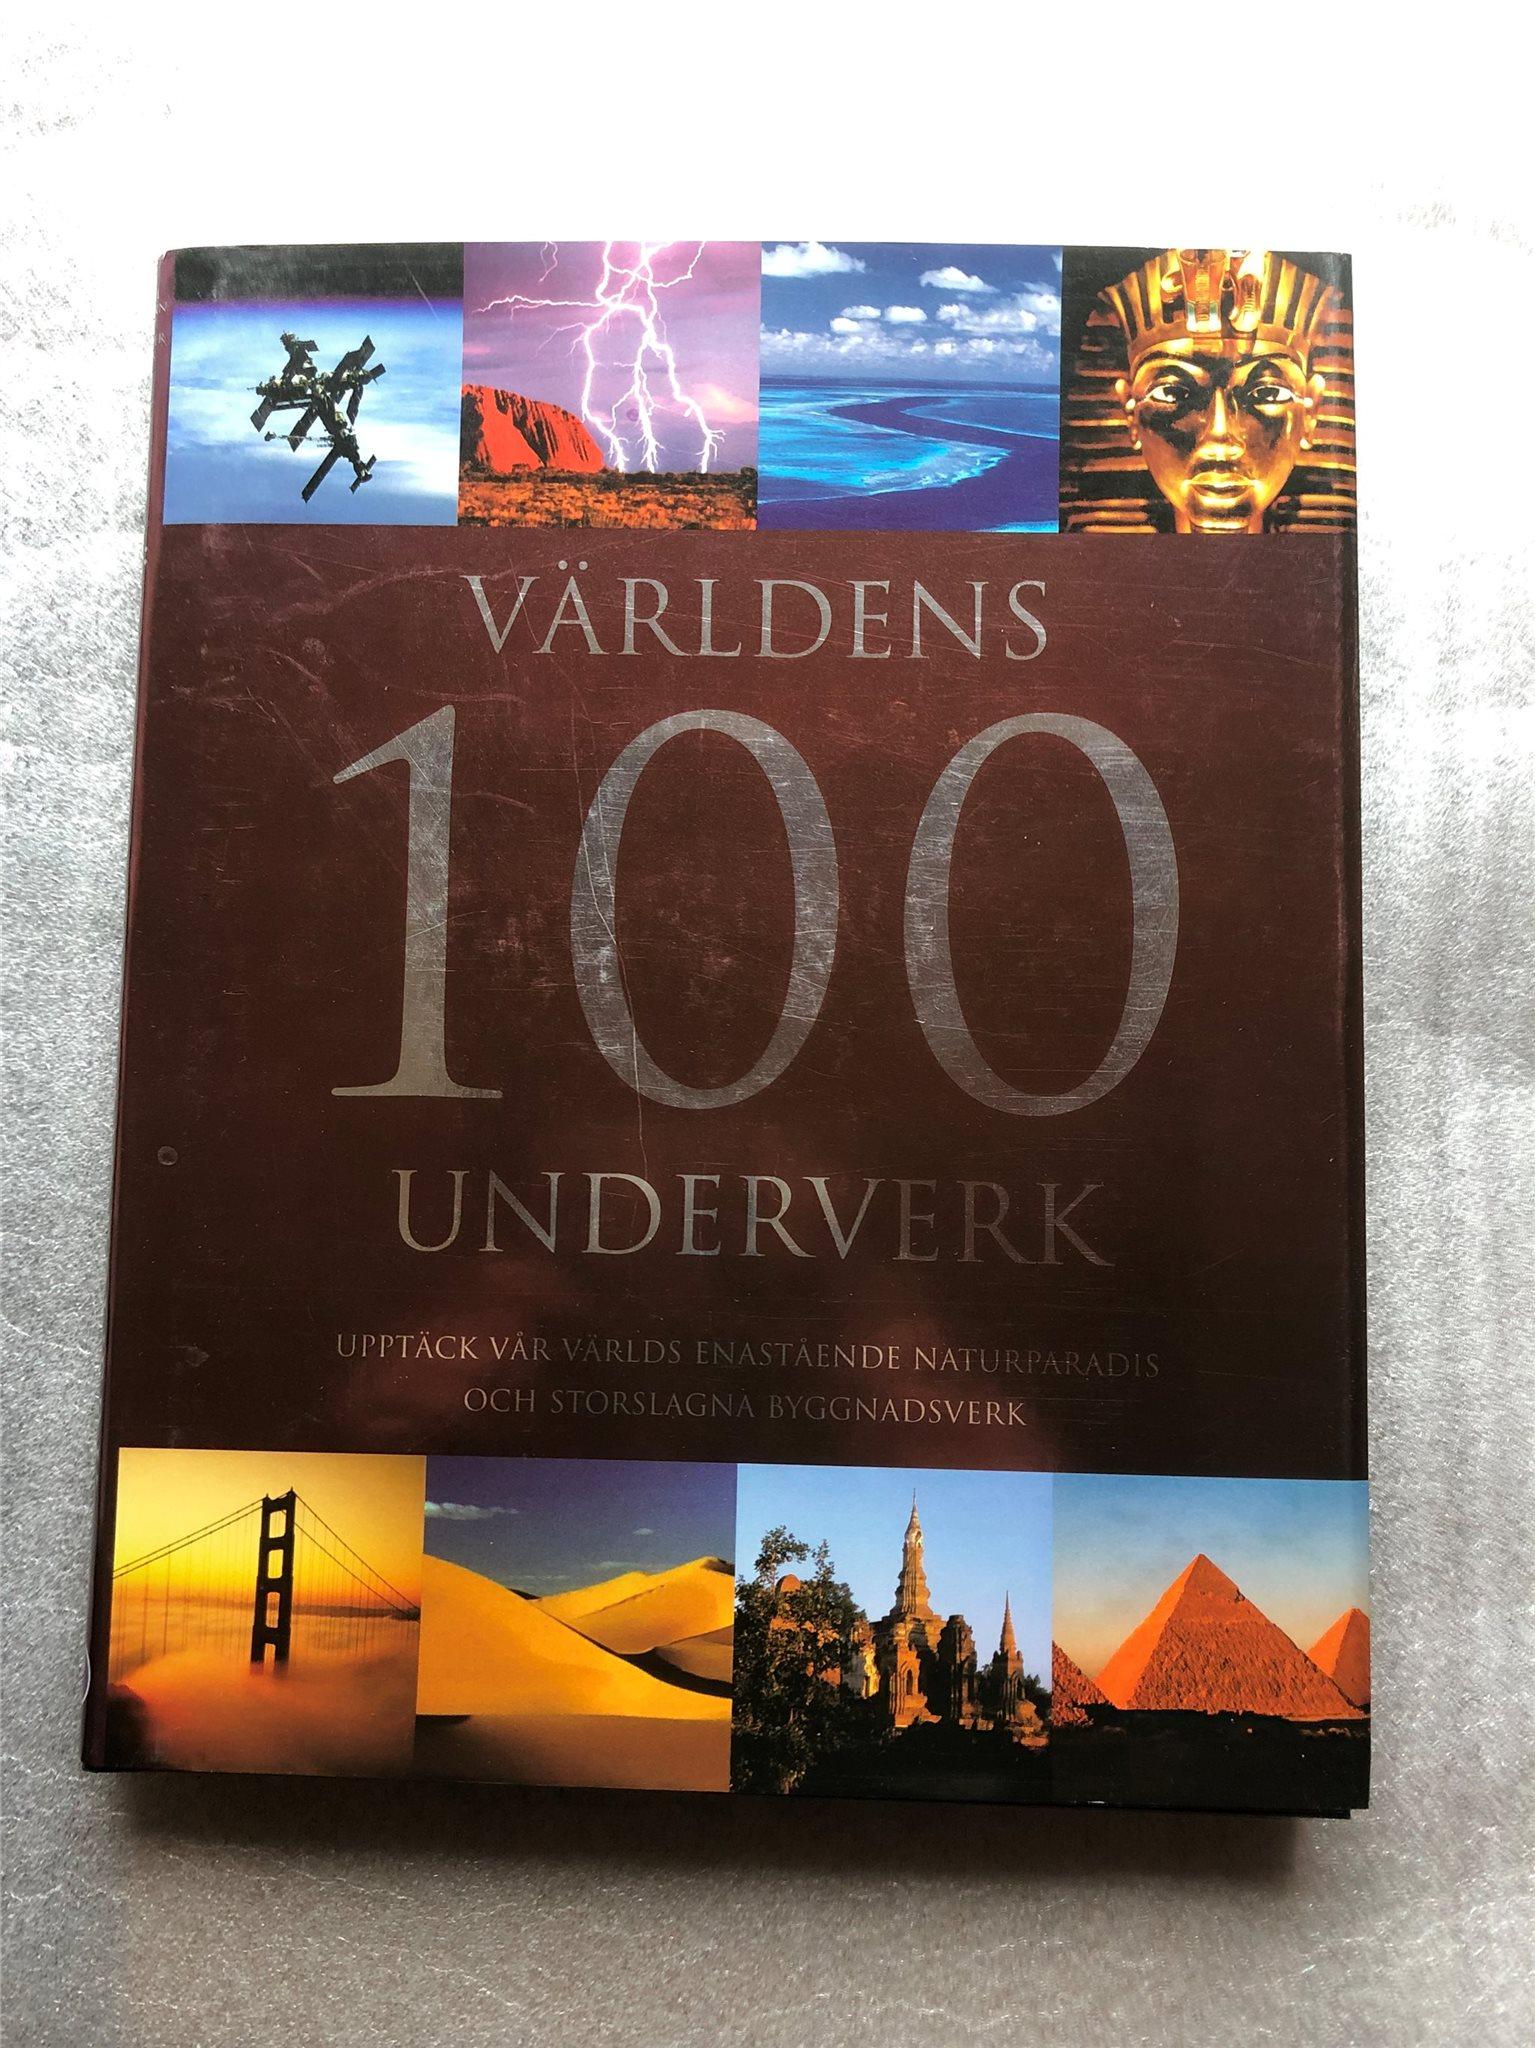 Världens 100 underverk , ISBN 978-1-4054-9905-7